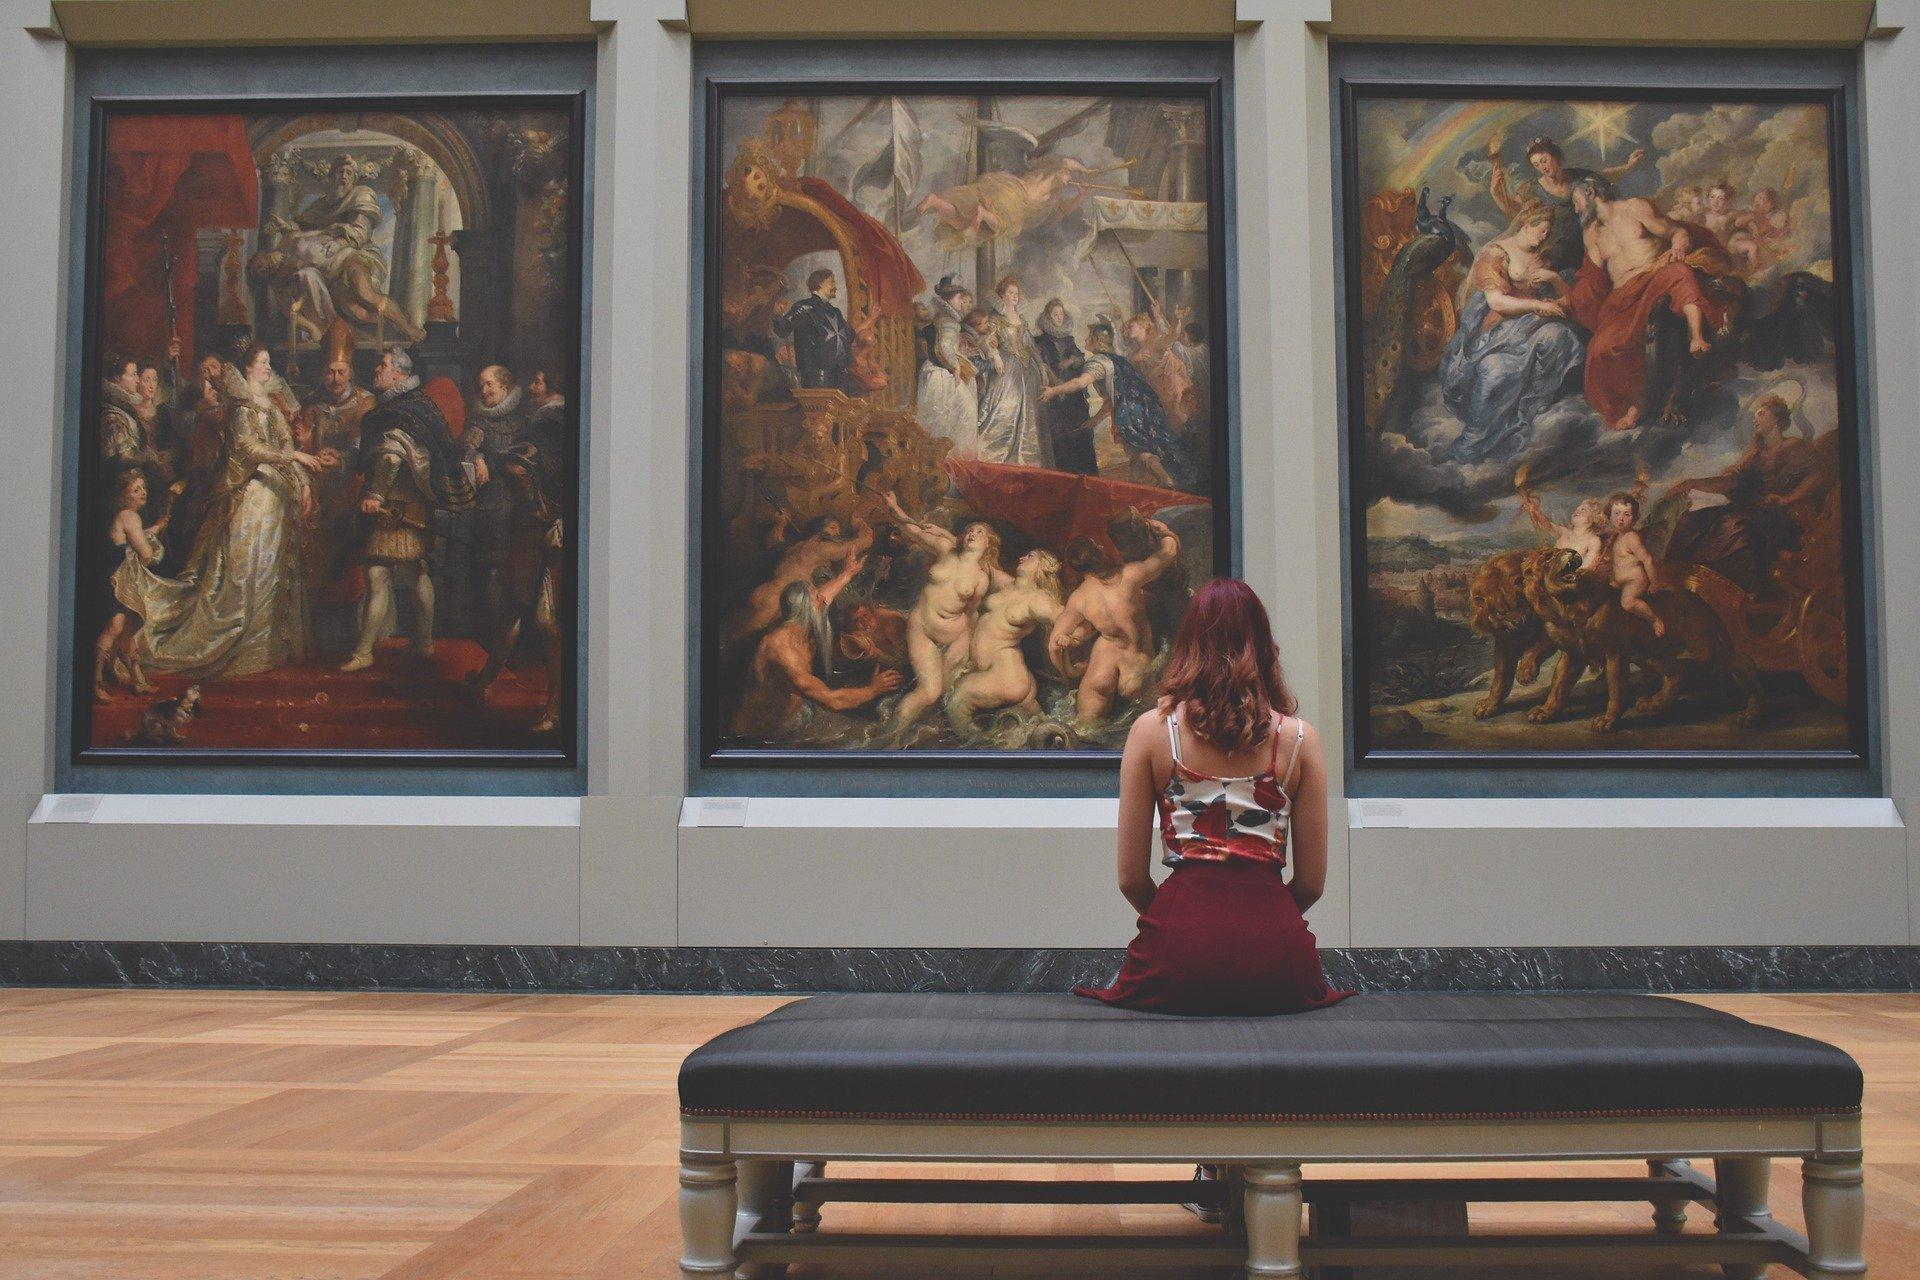 Muzeul Național de Artă Contemporană împlinește 20 de ani de existență